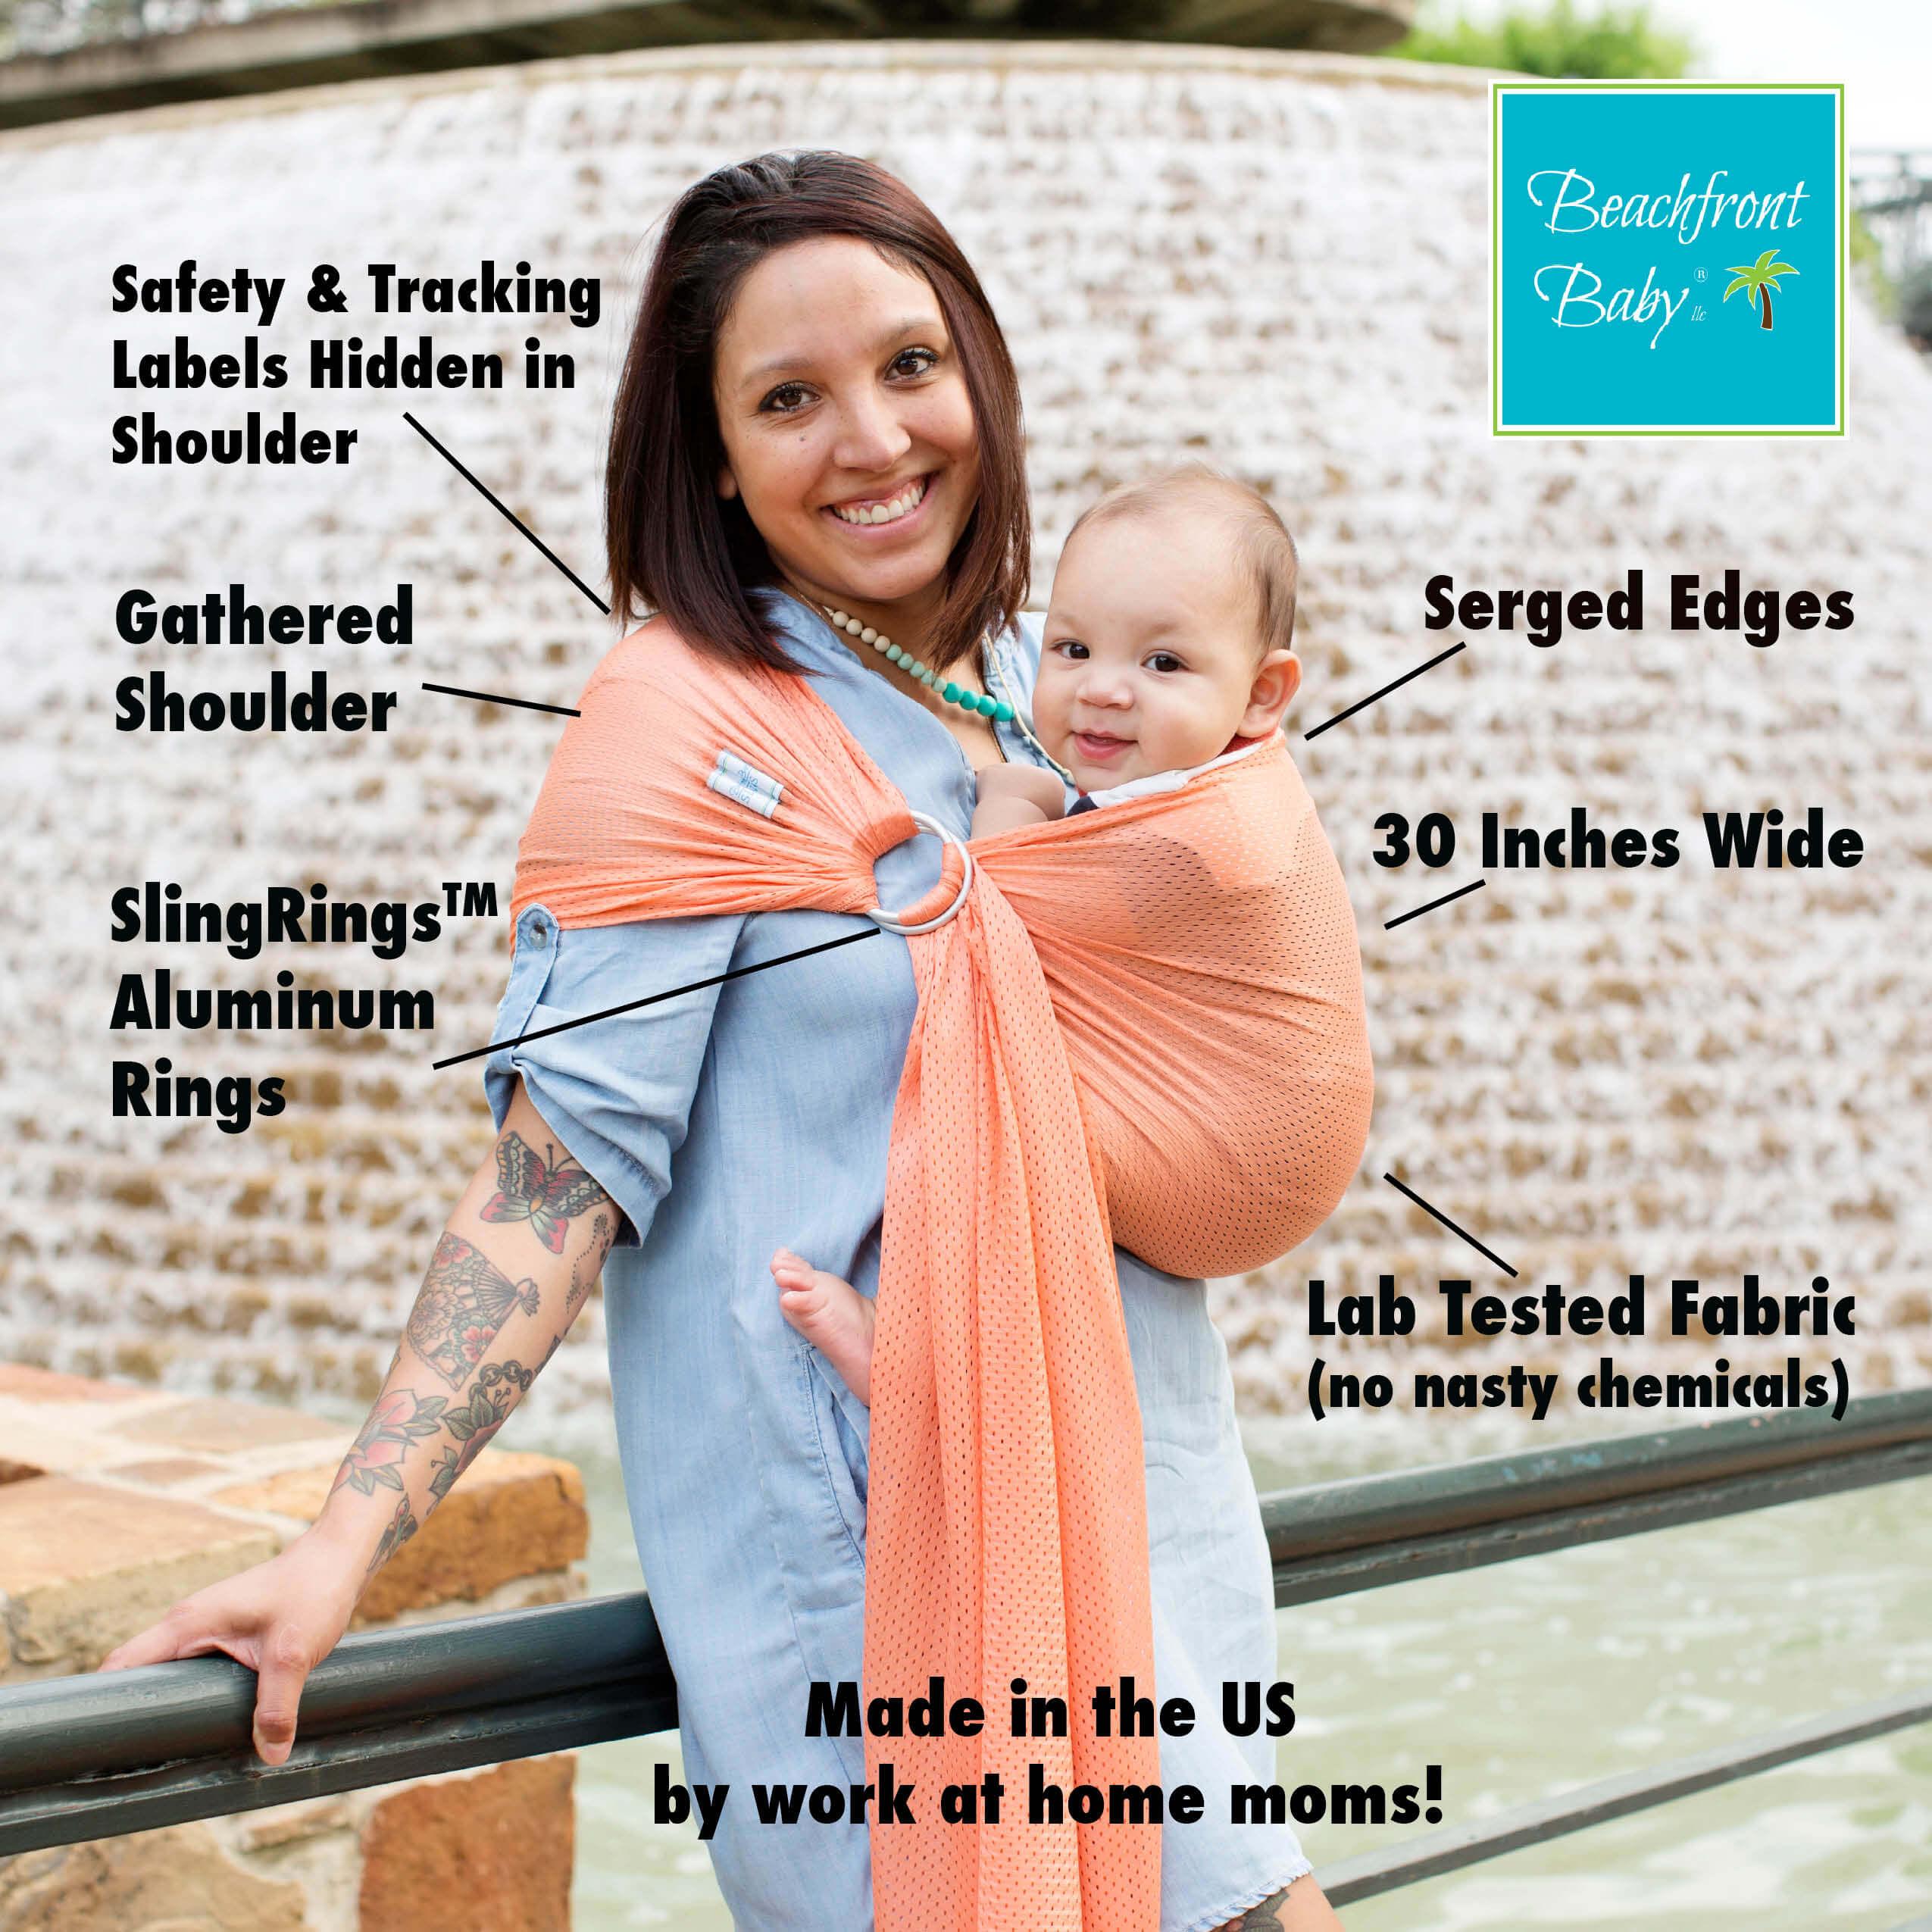 Xl Beachfront Baby Sling Beachfront Baby Versatile Baby